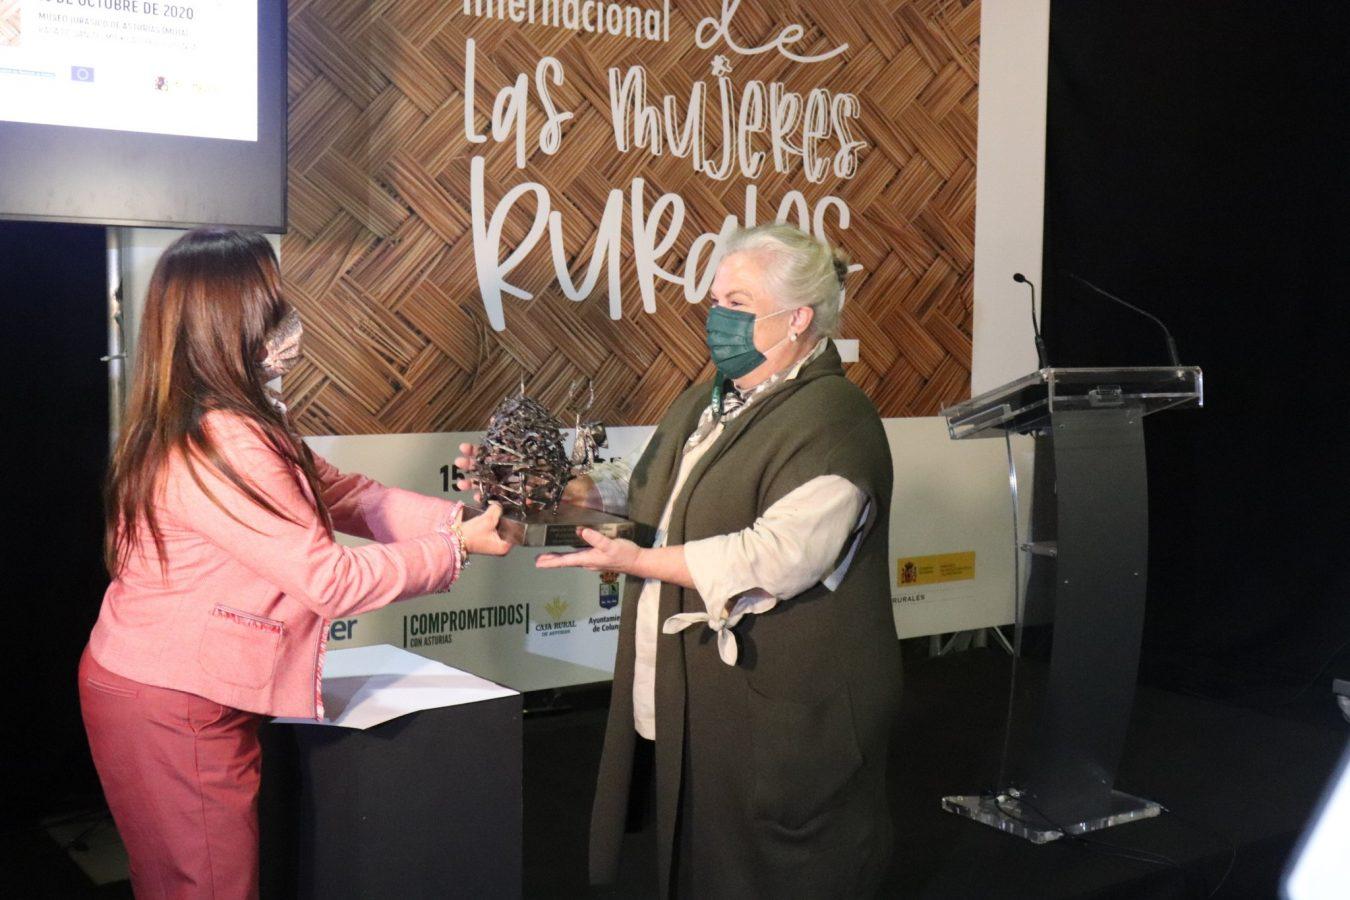 Colunga acoge los actos conmemorativos del Día Internacional de las Mujeres Rurales